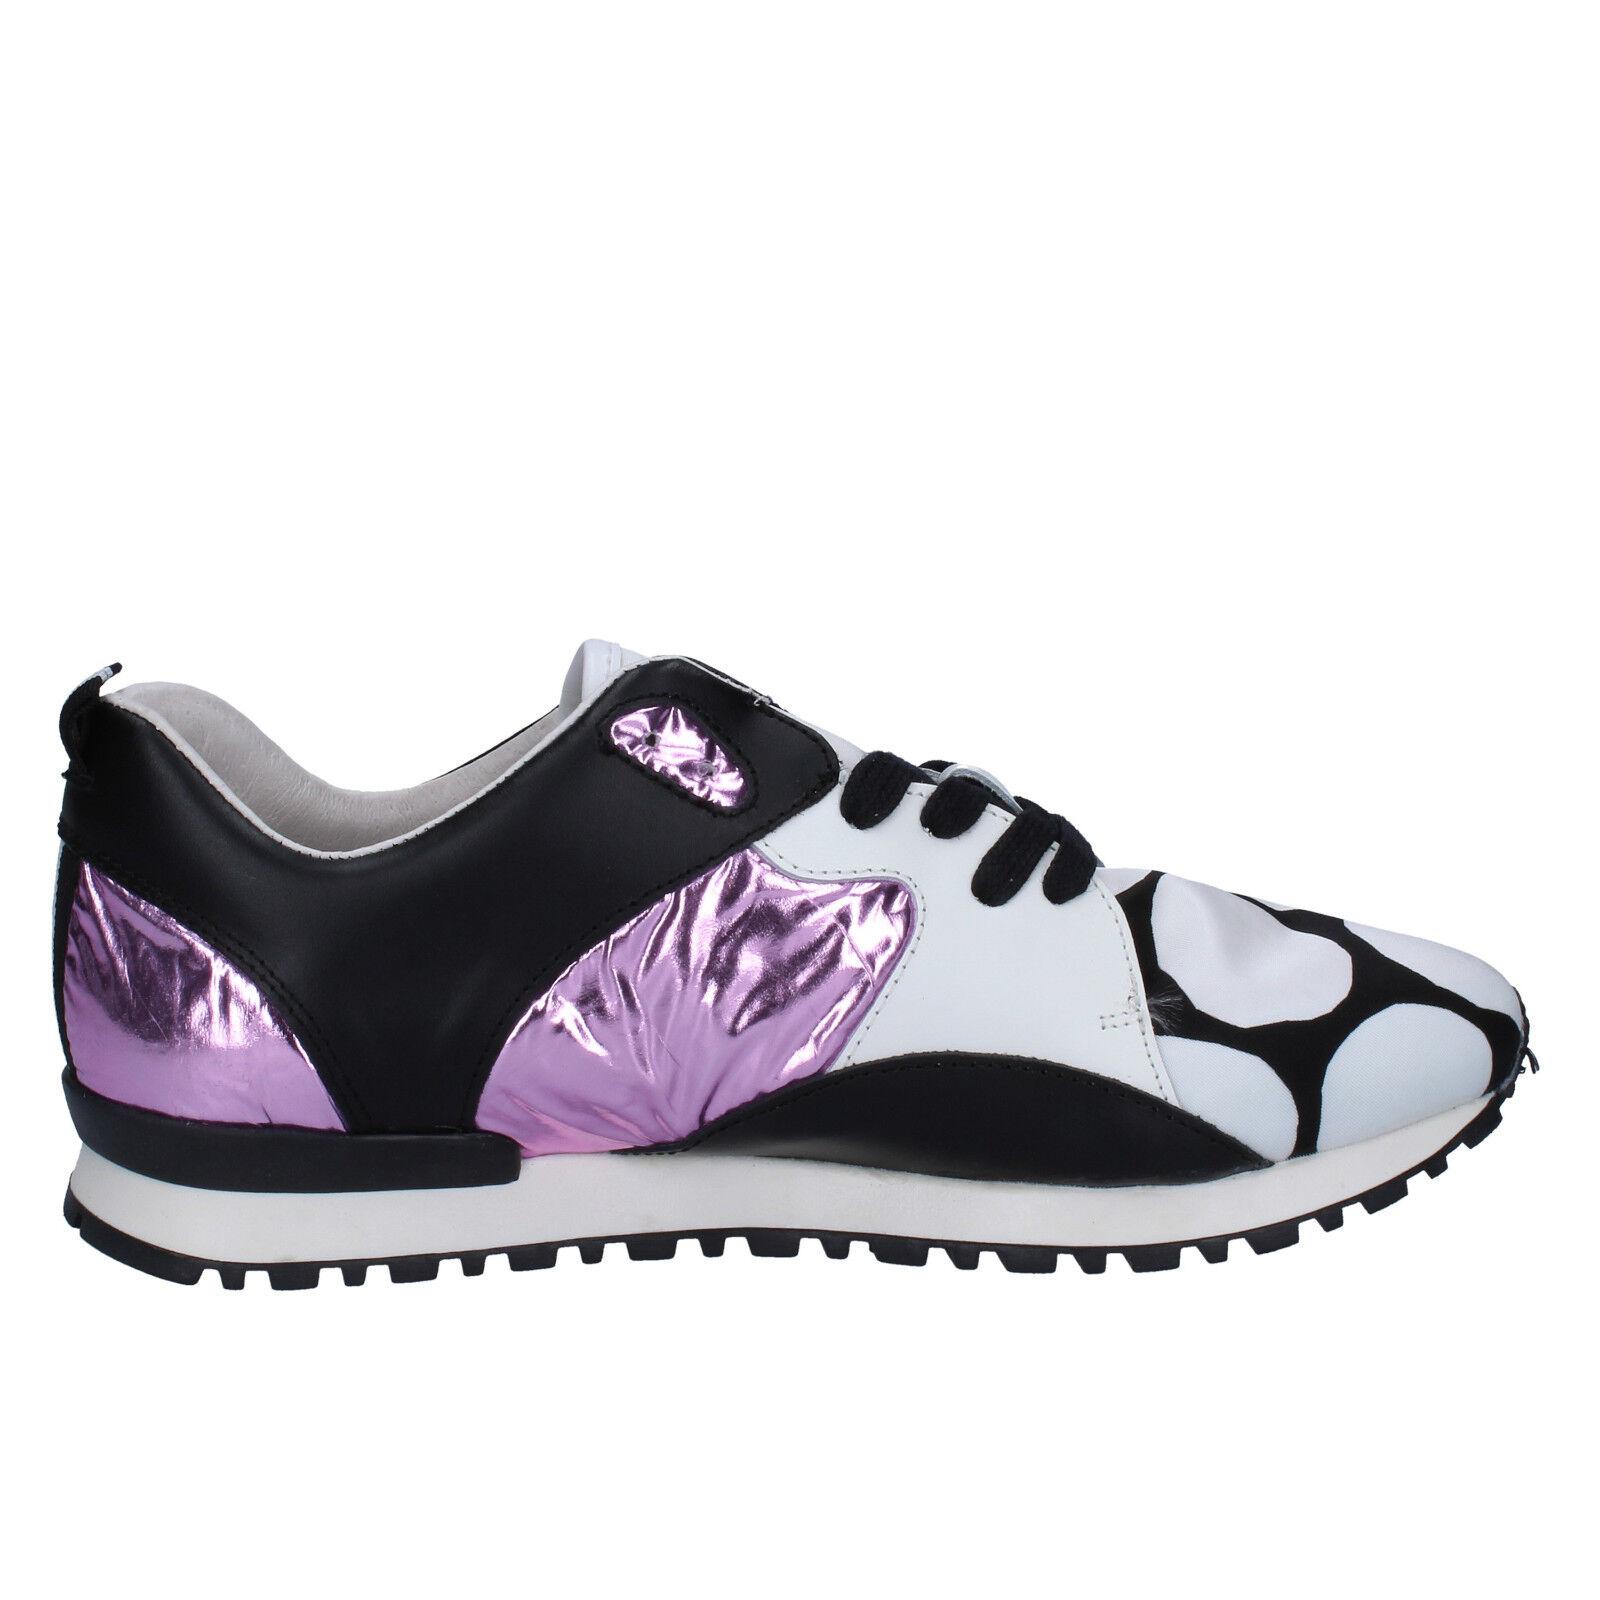 Zapatos seora D.A.T.E. D.A.T.E. D.A.T.E. (Date)  UE sneakers blanco negro de cuero textil bx72- 406d81